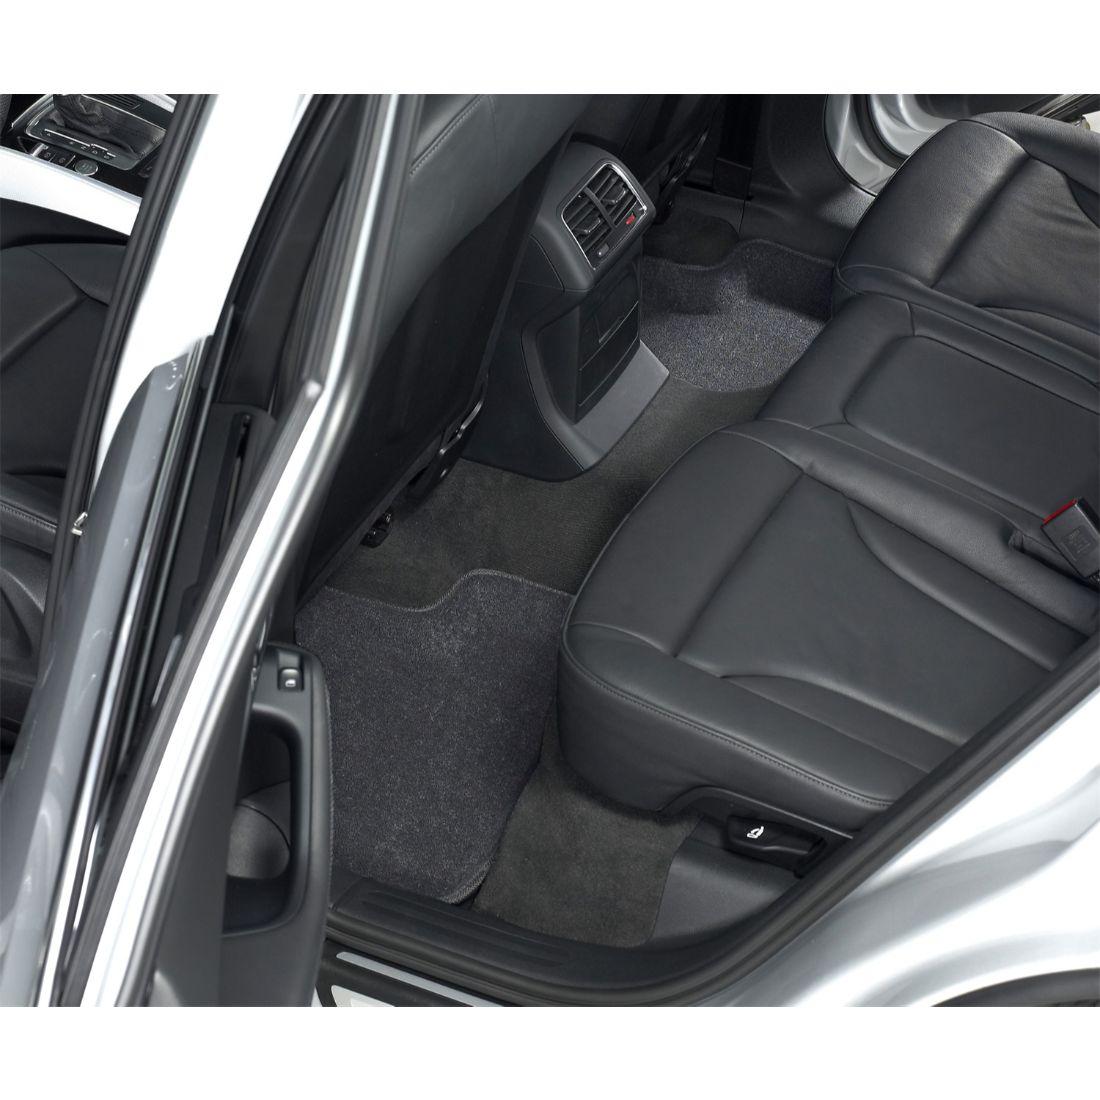 thumbnail 14 - 3D MAXpider Custom Fit CLASSIC Floor Mats for Chevrolet 2006-2013 Impala